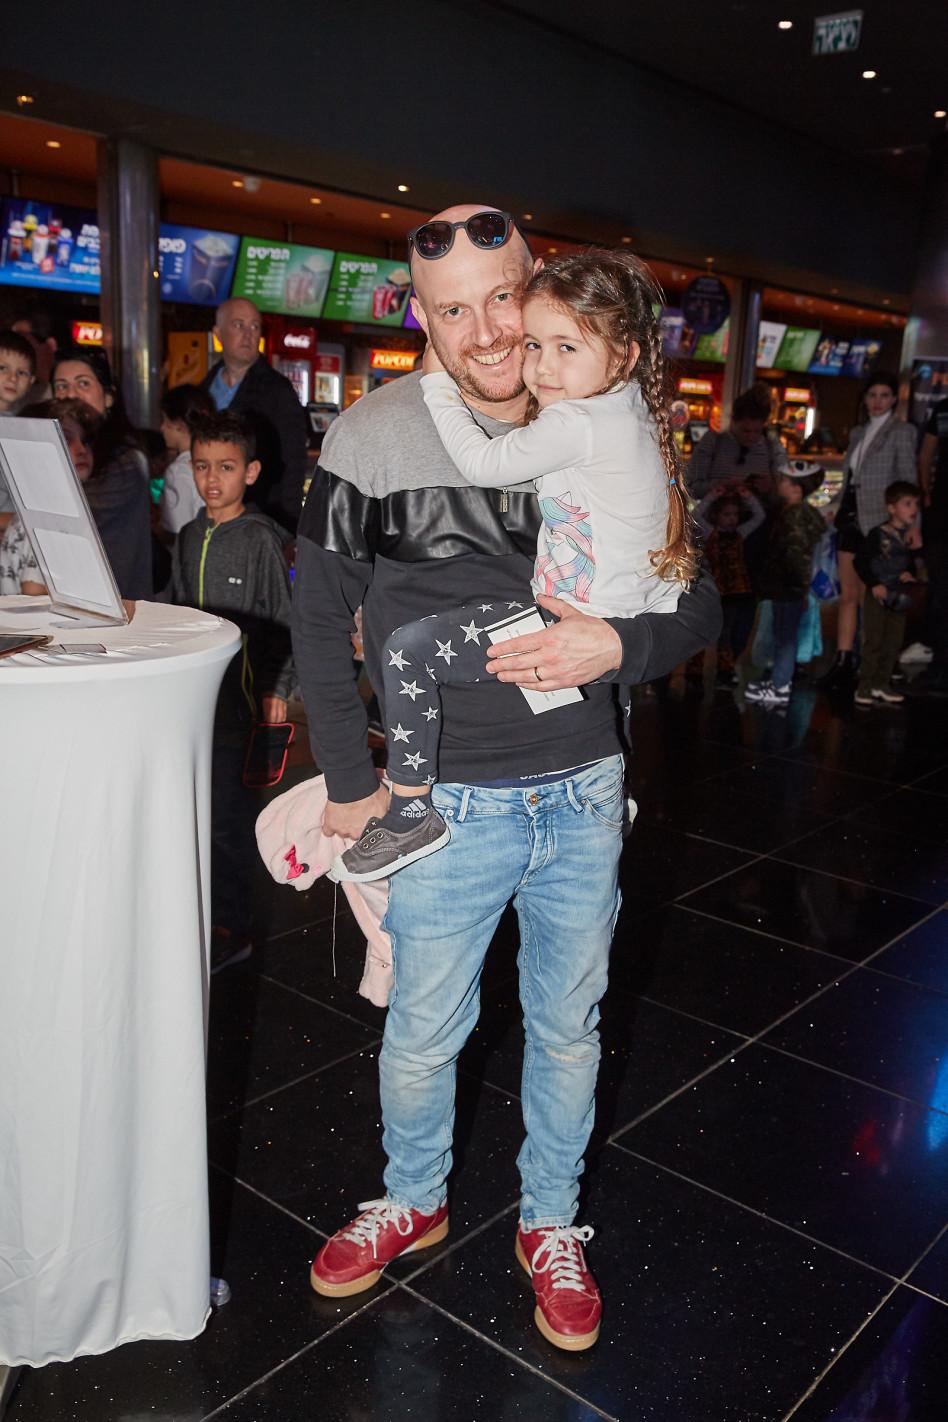 אבי נוסבאום והילדה (צילום: שוקה כהן)